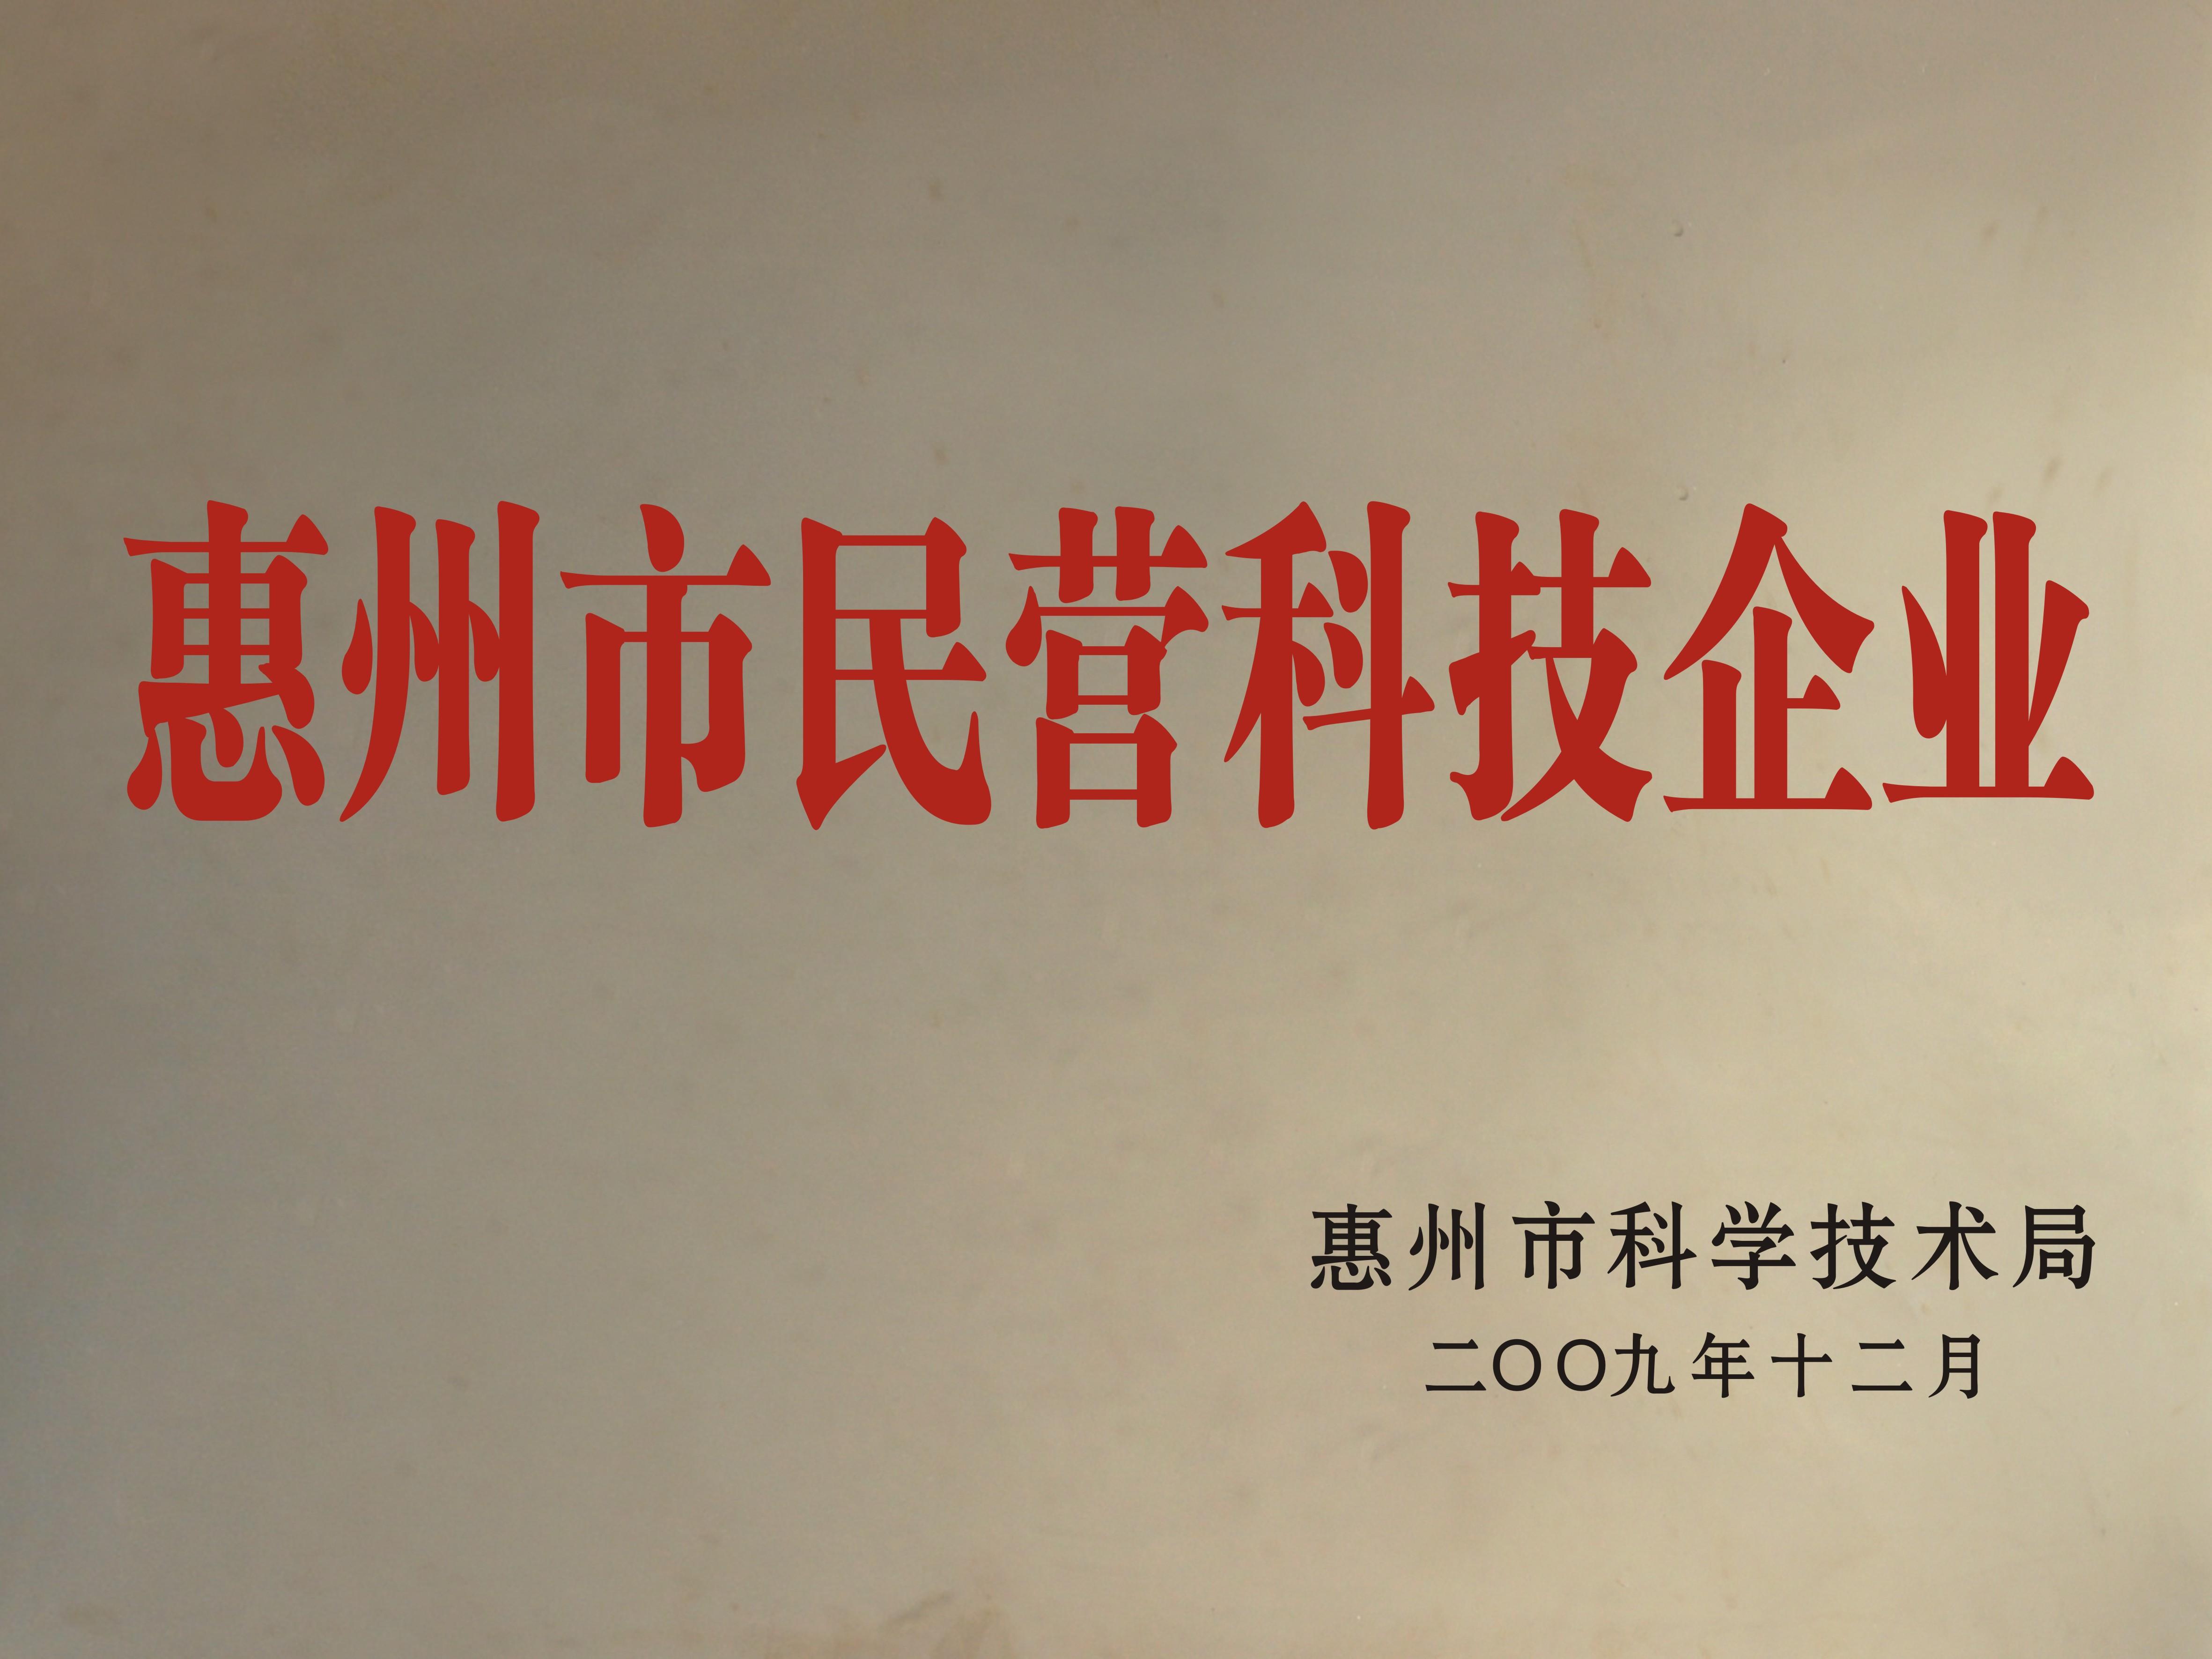 惠州市民營科技企業